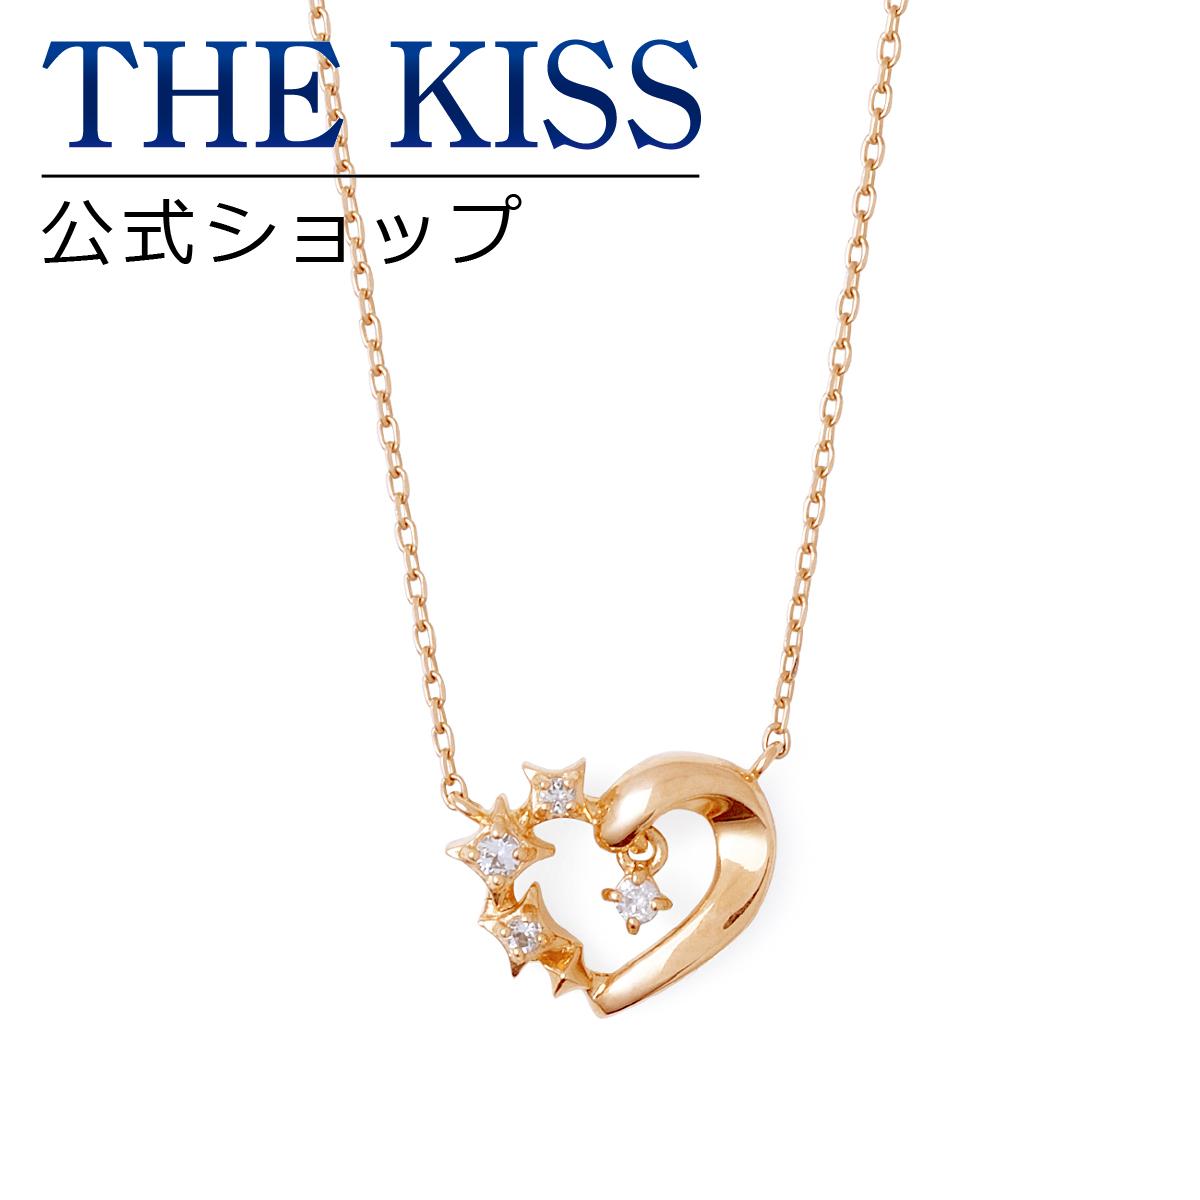 【あす楽対応】【送料無料】【THE KISS sweets】 K10ピンクゴールド ダイヤモンド レディース ネックレス 40cm ☆ ダイヤモンド ゴールド レディース ネックレス 首飾り ブランド Ladies Necklace K-N1816PG